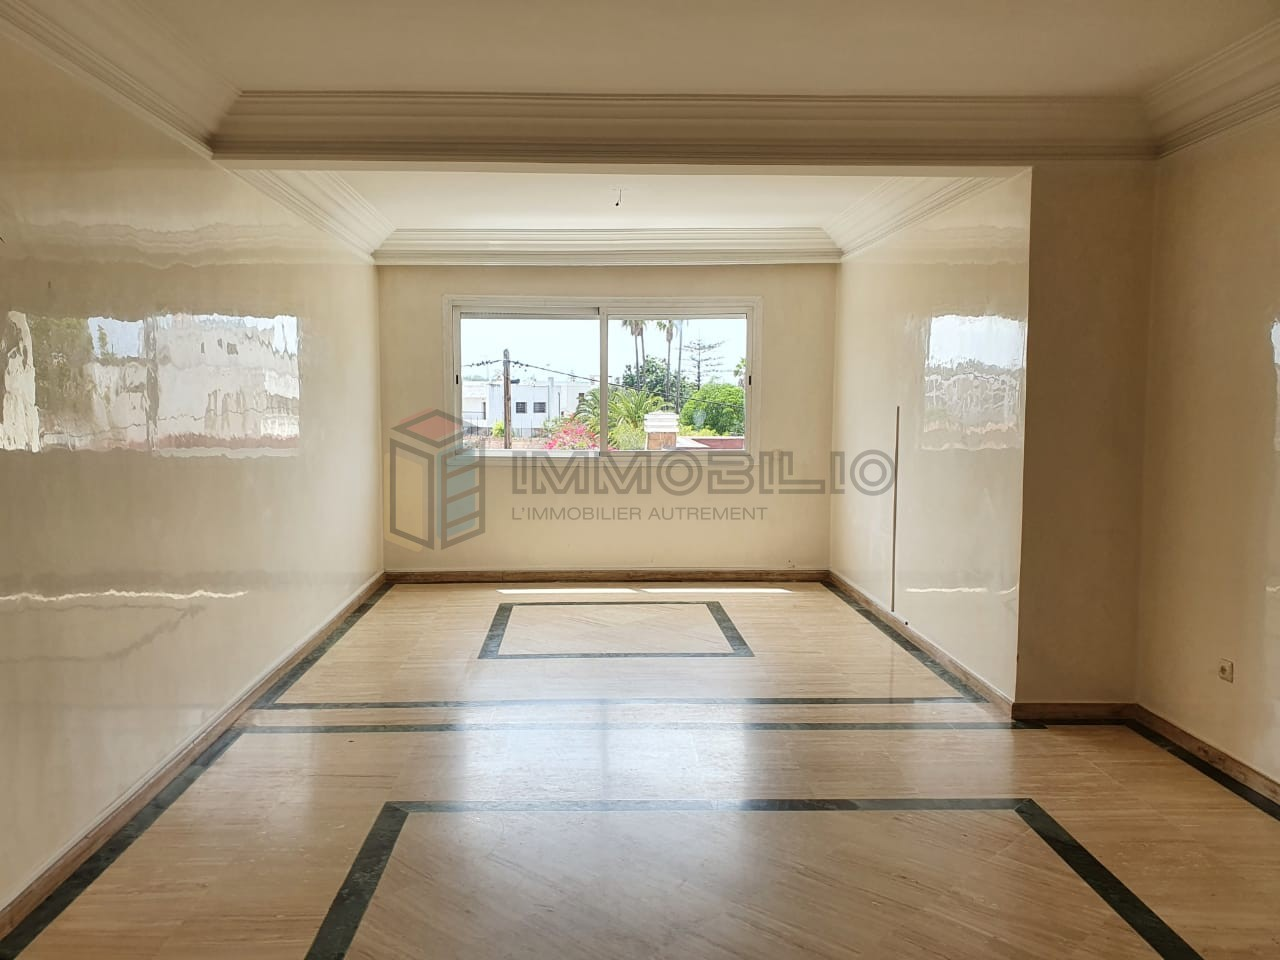 Appartement à louer Racine